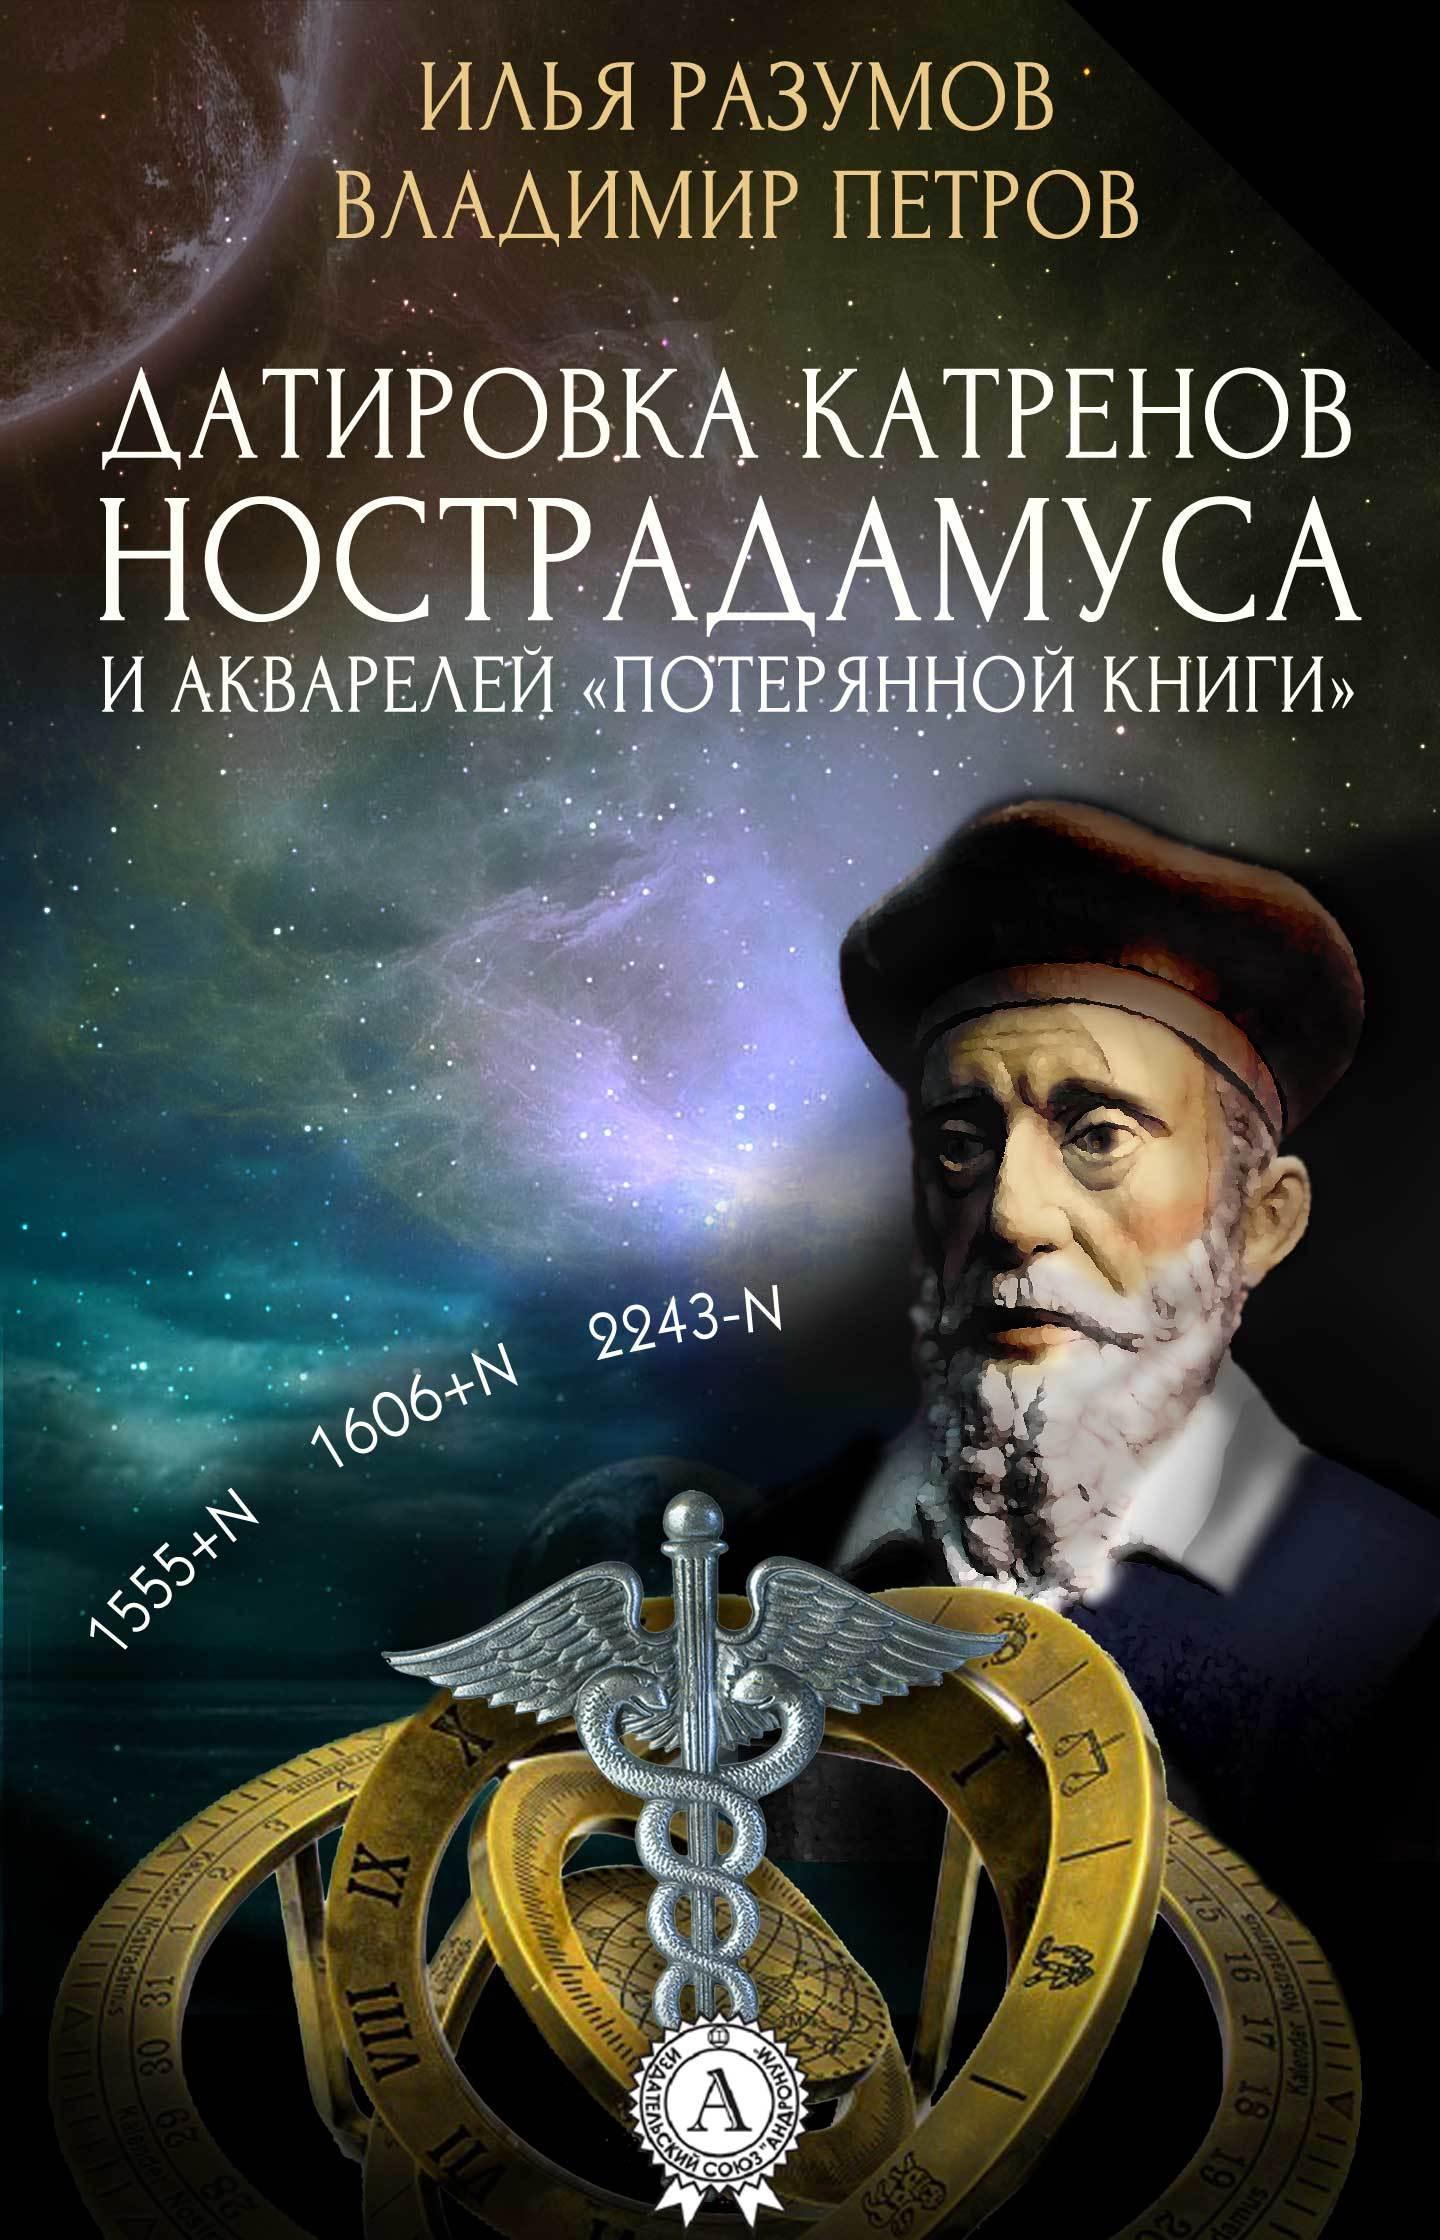 Бесплатно Датировка катренов Нострадамуса и акварелей Потерянной книги скачать